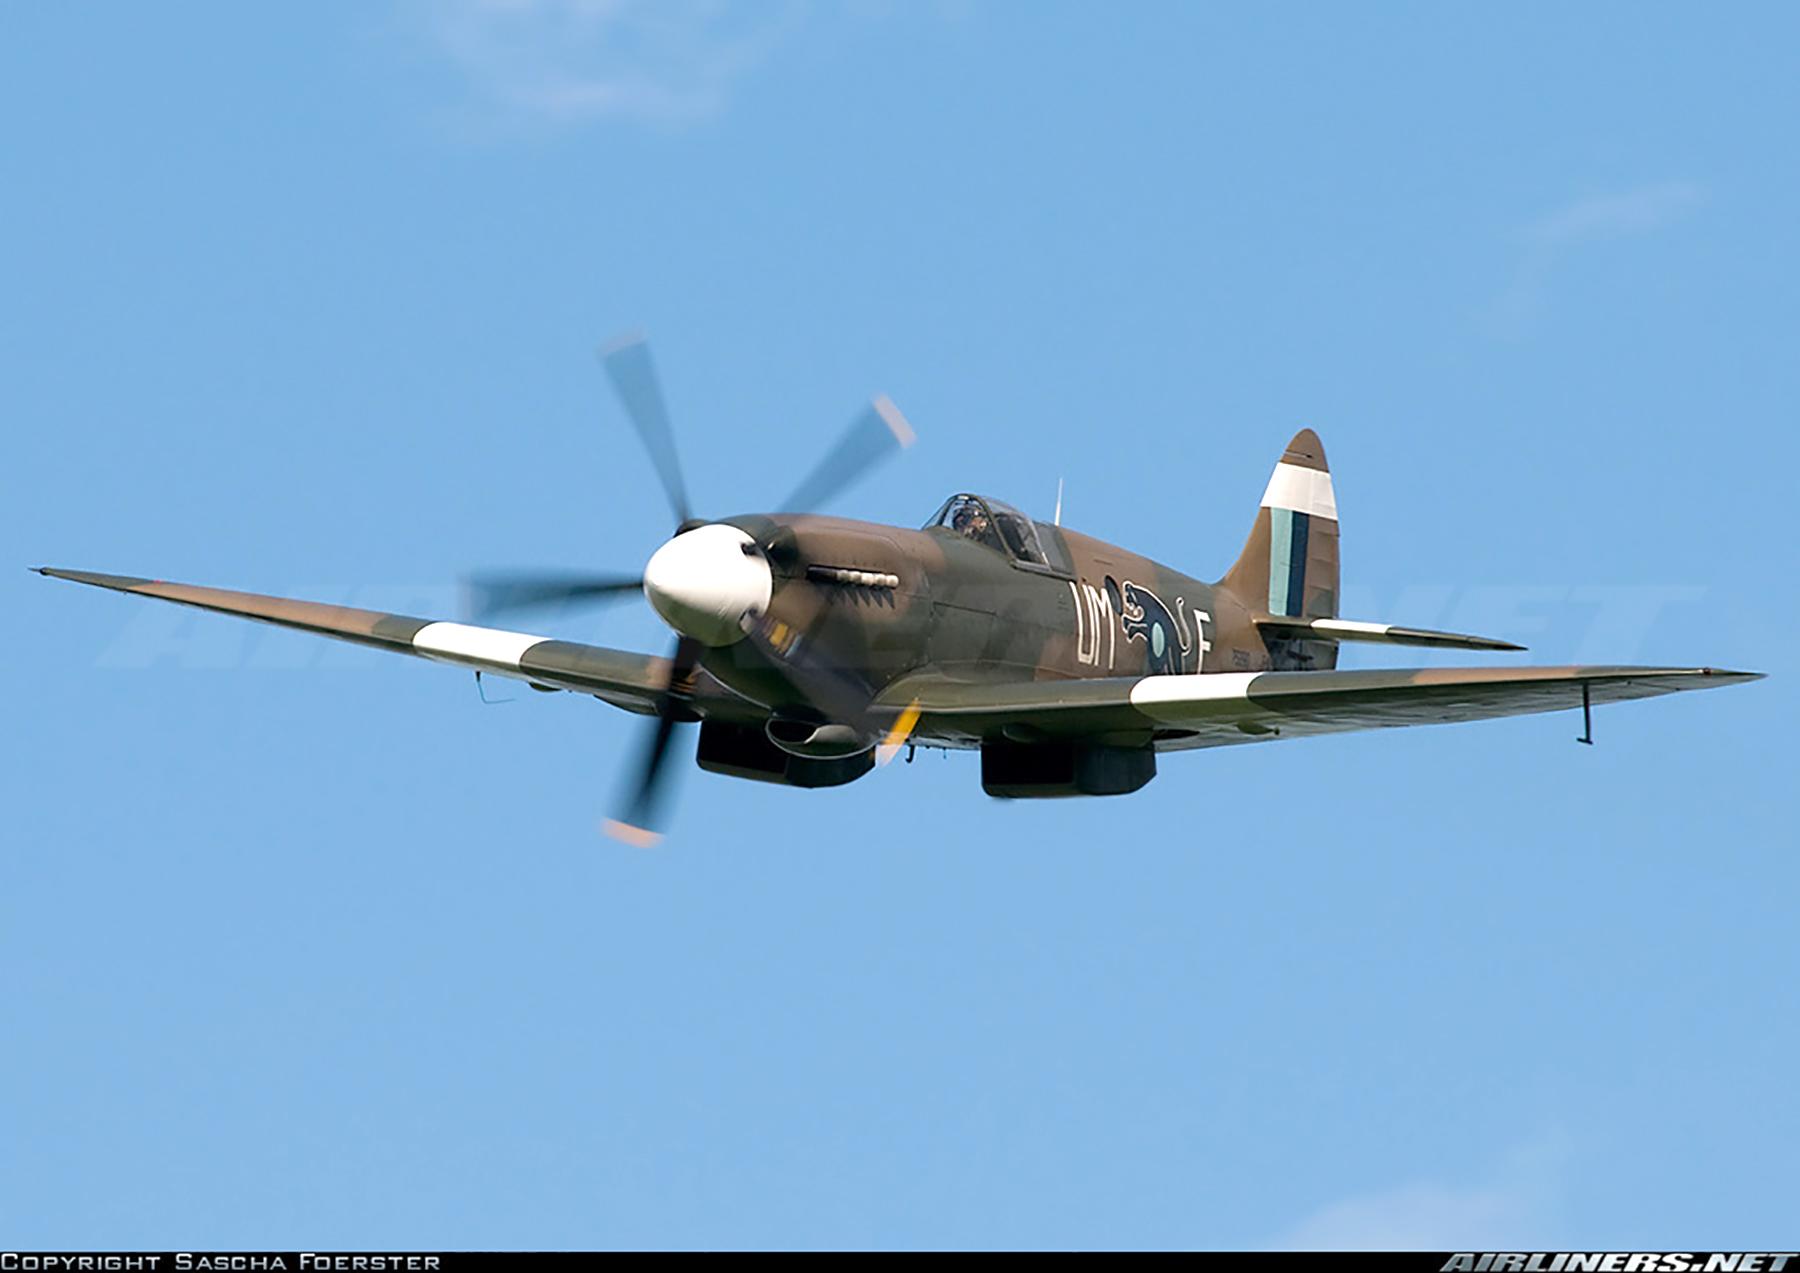 Airworthy Spitfire warbird PR19 PS890 as RAF 152Sqn UME 13